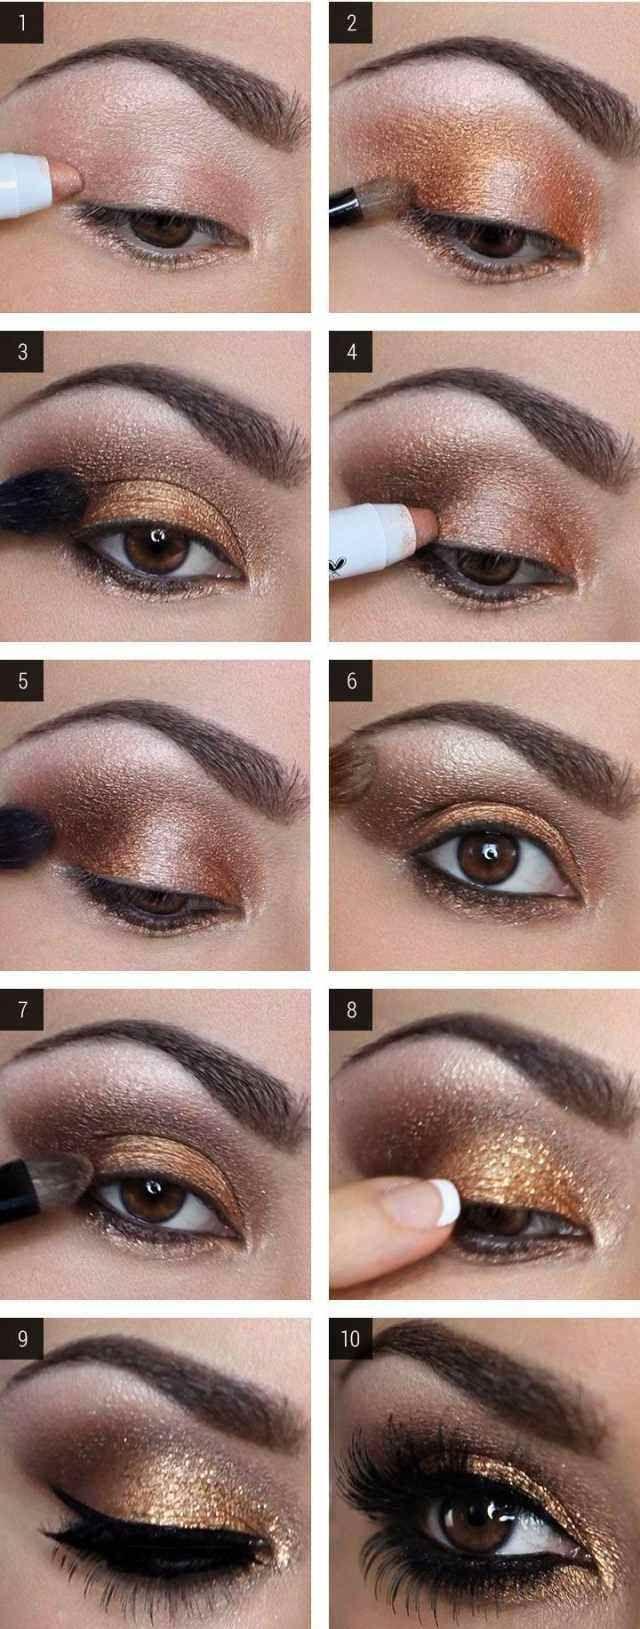 maquillage des yeux élégant- fard à paupières en or et marron et eye-liner